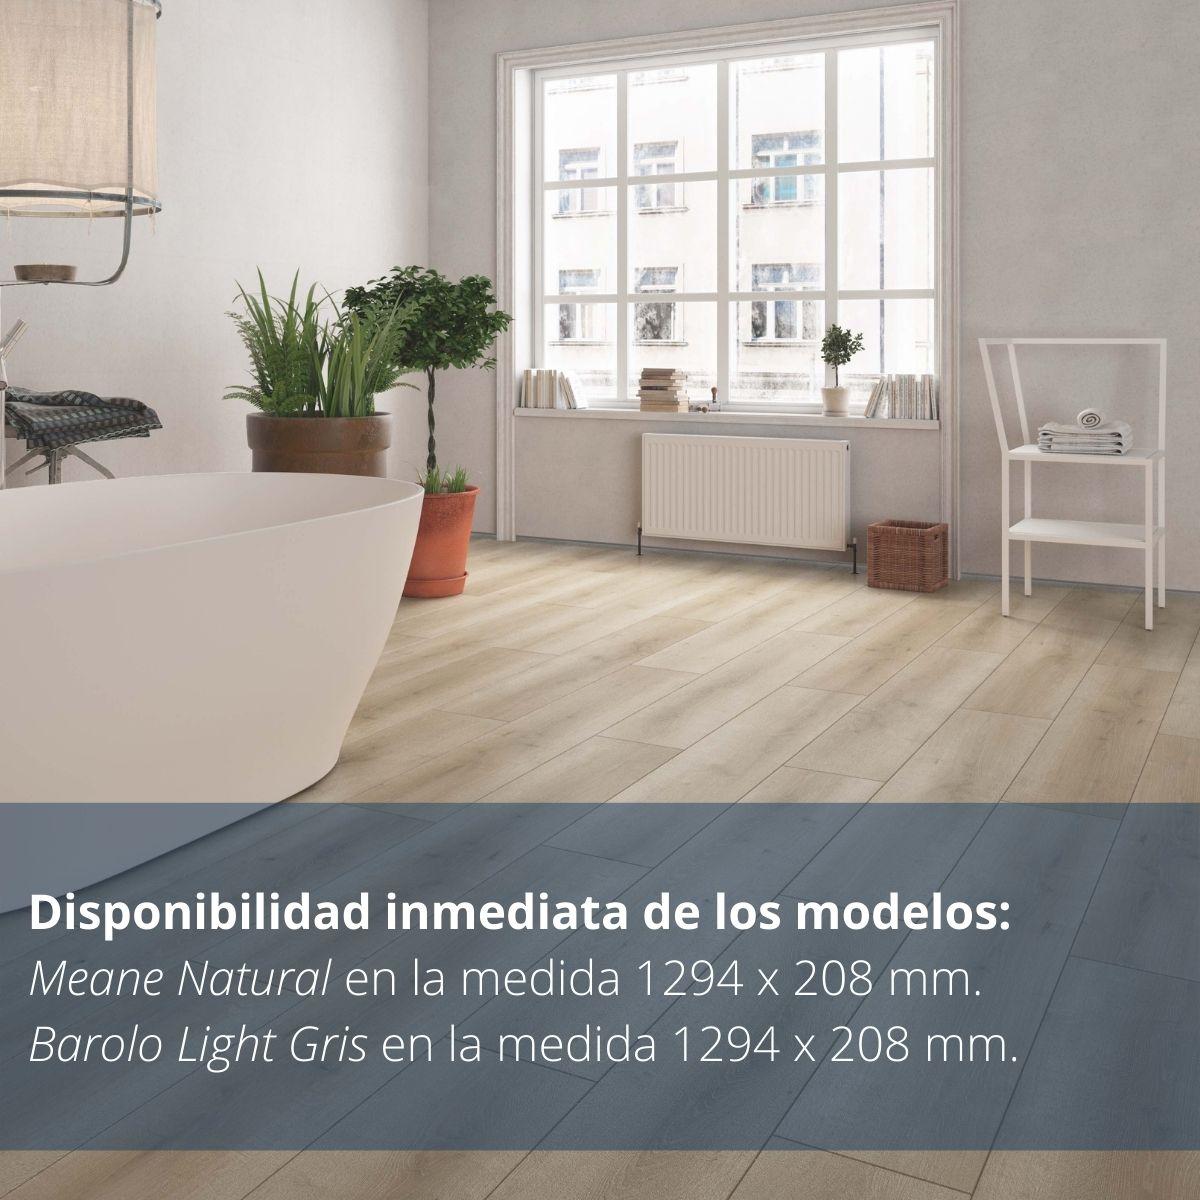 Revestimiento Sensa Ceramic colección Madera anti humedad baños y cocinas